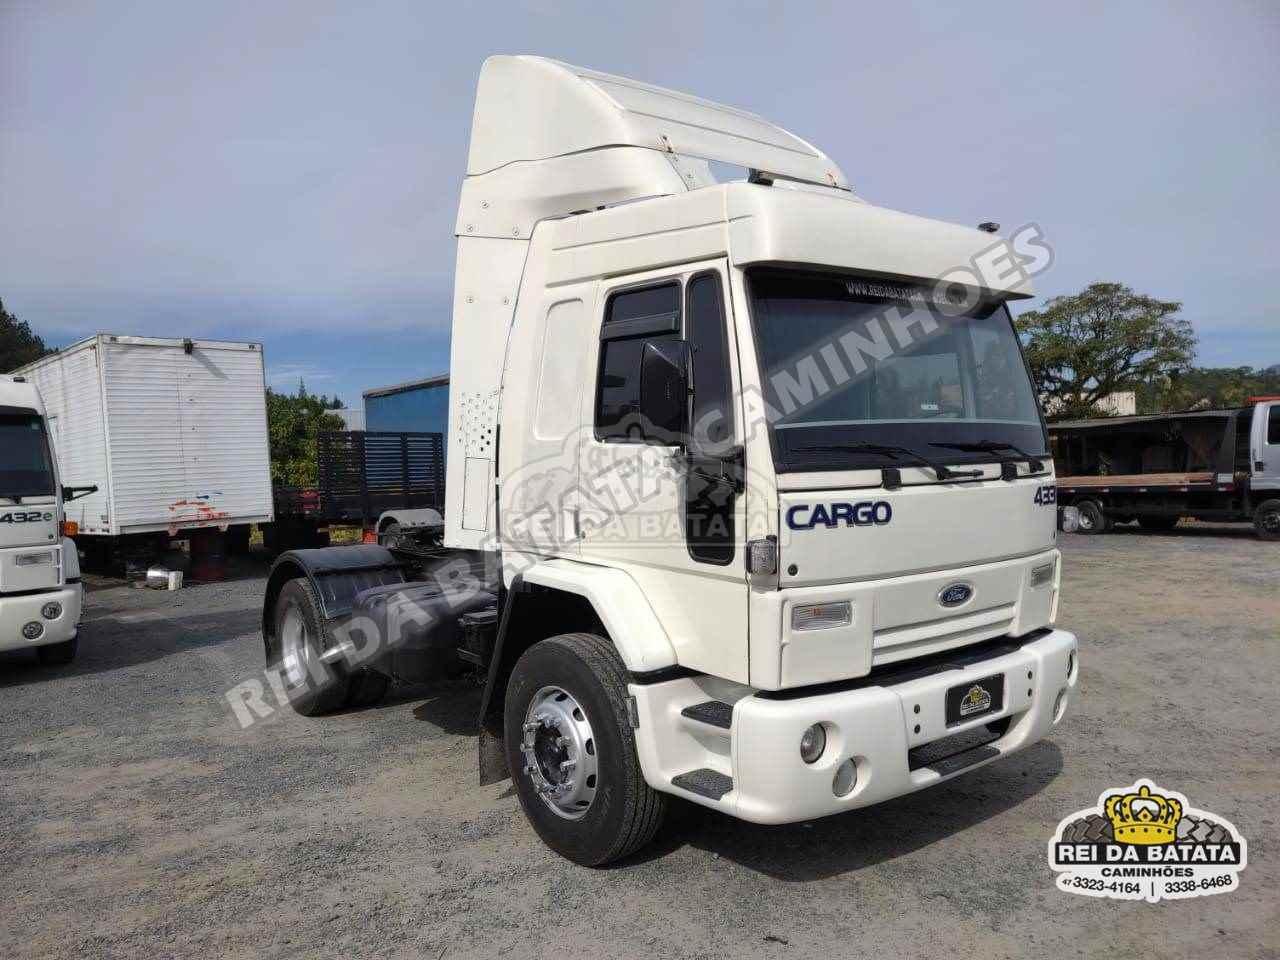 CAMINHAO FORD CARGO 4331 Cavalo Mecânico Toco 4x2 Rei da Batata Caminhões BLUMENAU SANTA CATARINA SC